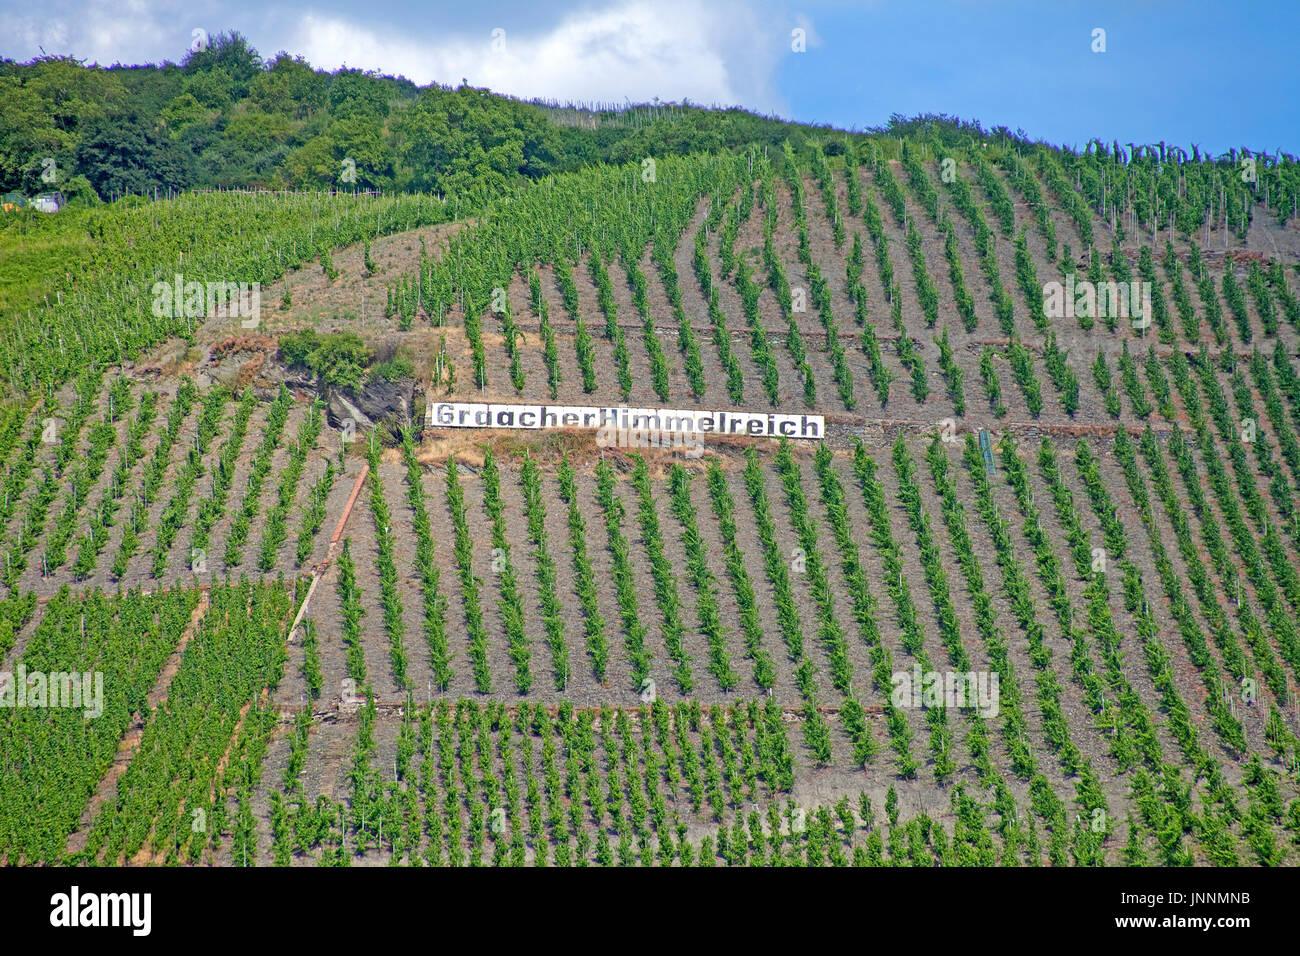 Graacher himmelreich, Graach, Mittelmosel, Mosel, Rheinland-Pfalz, Landkreis Bernkastel-Wittlich, Deutschland, Europa - Stock Image